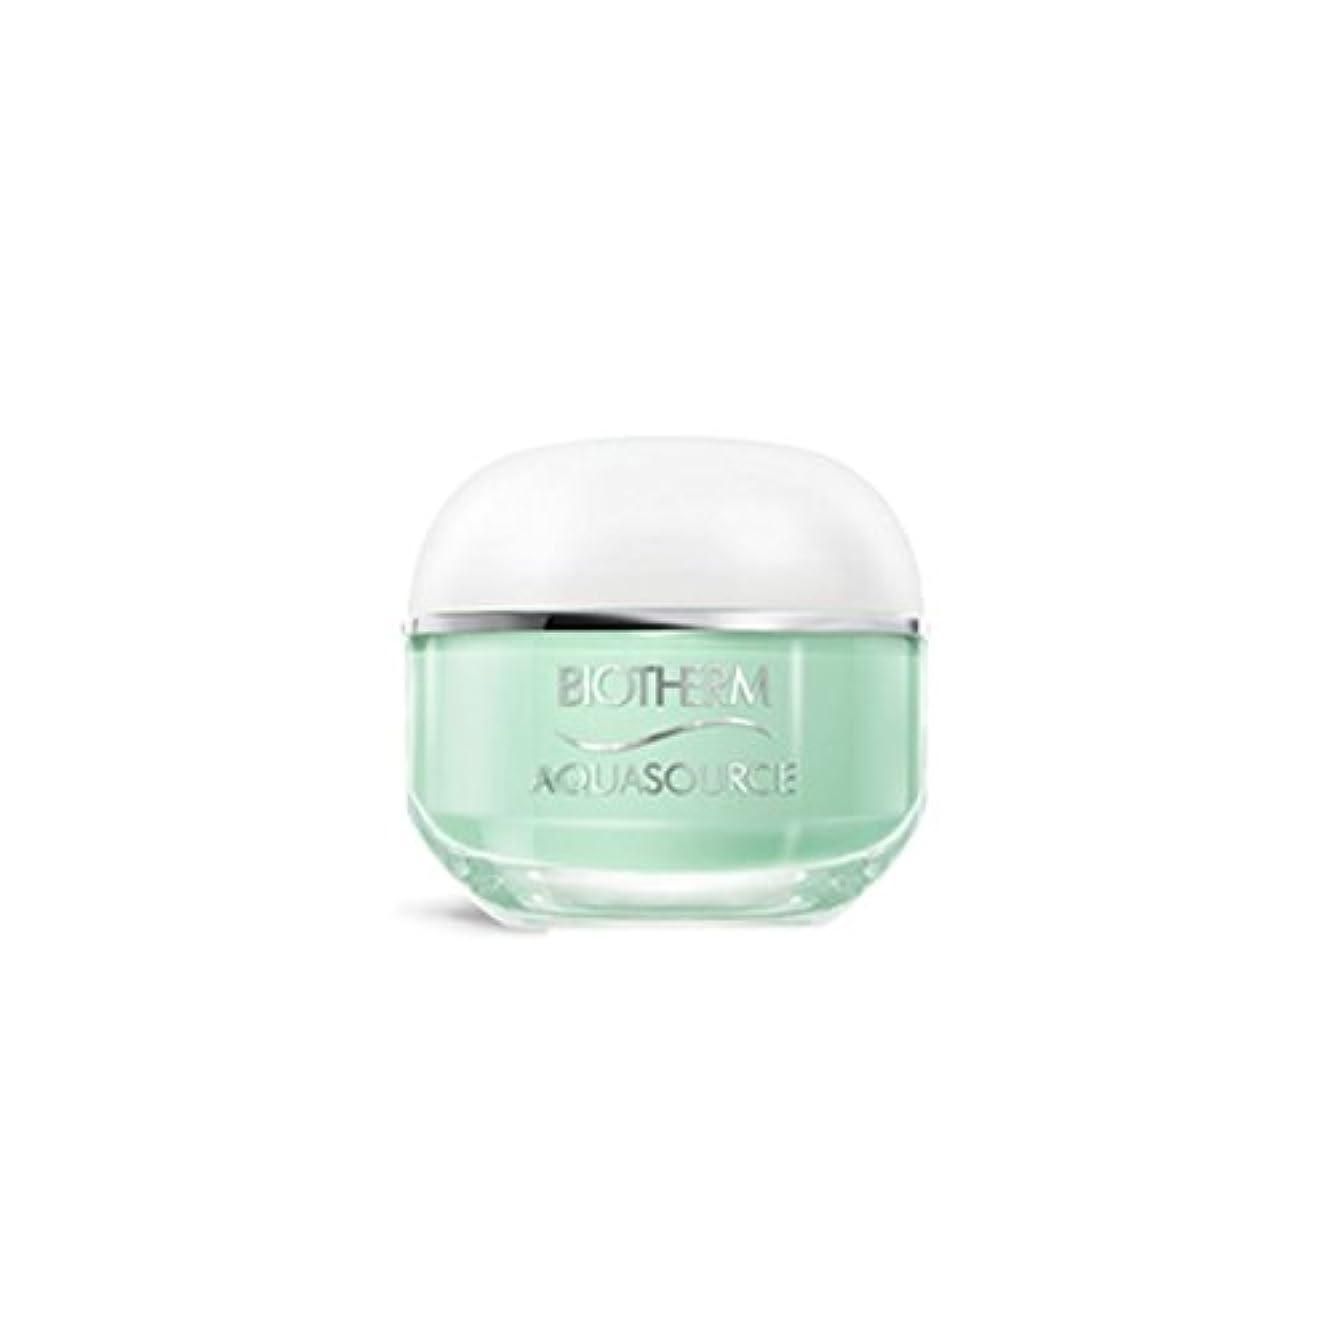 樫の木ムスタチオ神話ビオテルム Aquasource Gel Intense Regenerating Moisturizing Gel - For Normal/Combination Skin 50ml/1.69oz並行輸入品